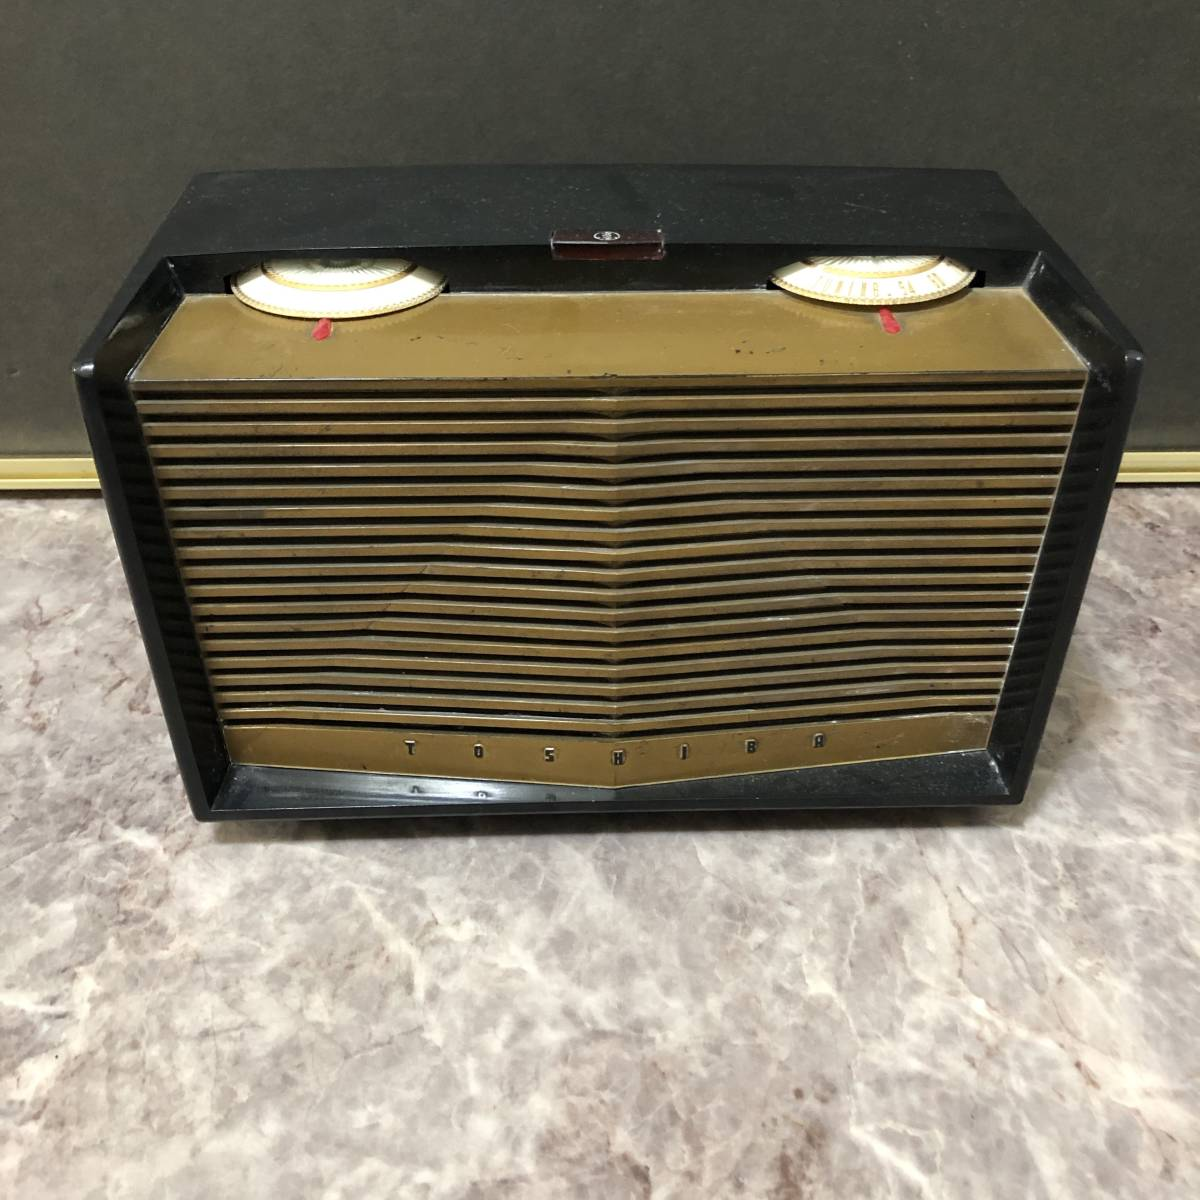 東芝 真空管ラジオ 美品 かなりあC 5LA-65 5球スーパー 1955年製 動作確認済み 昭和レトロ